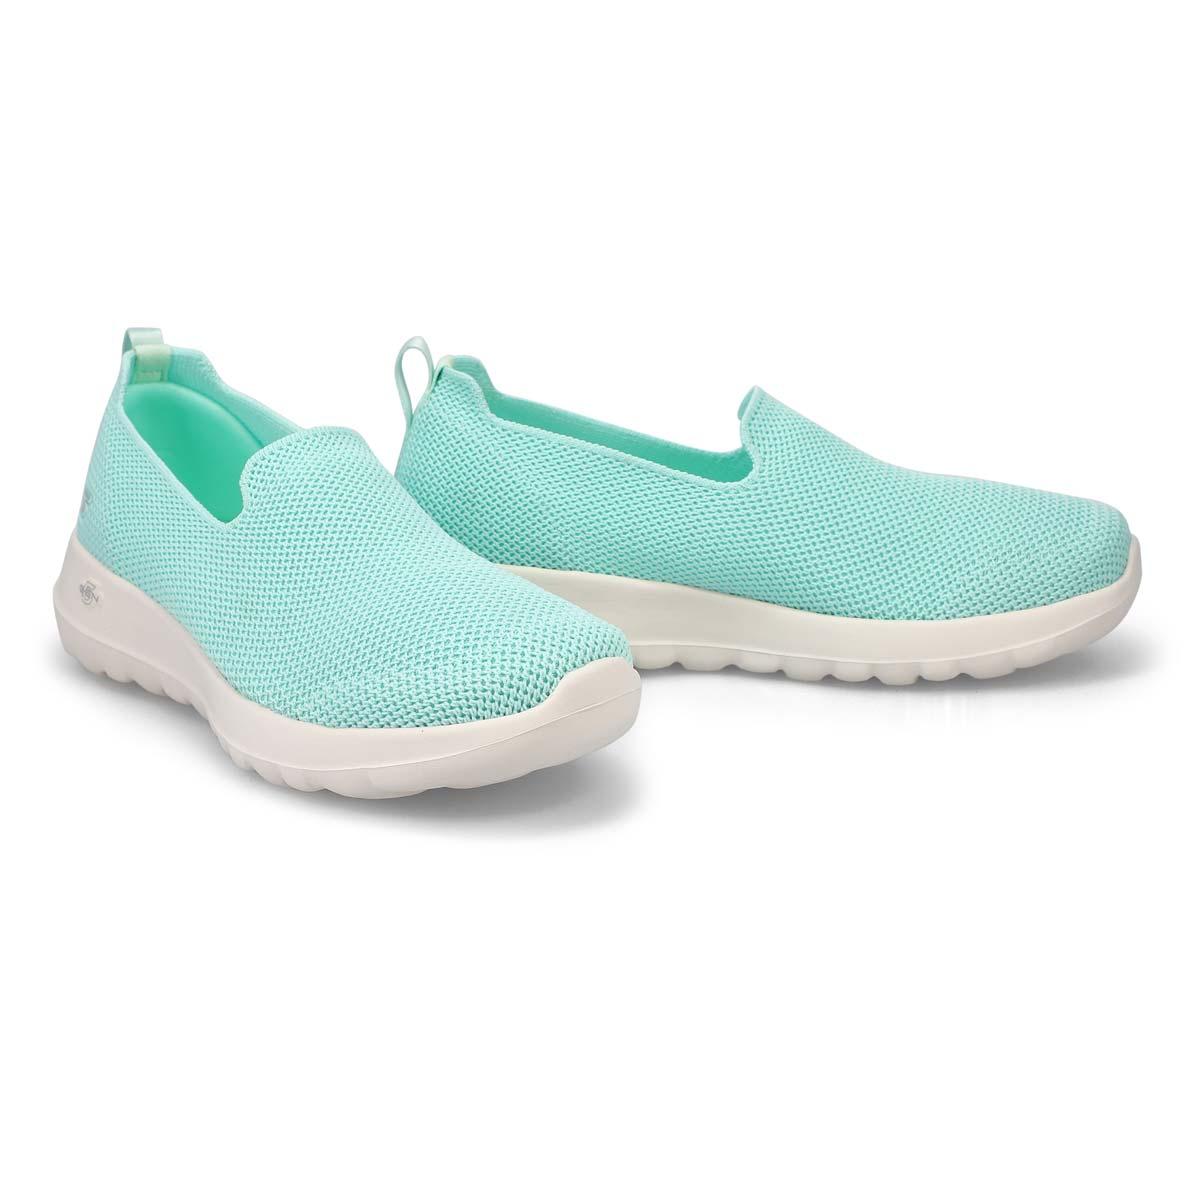 Women's Go Walk Joy slip on sneakers - mint